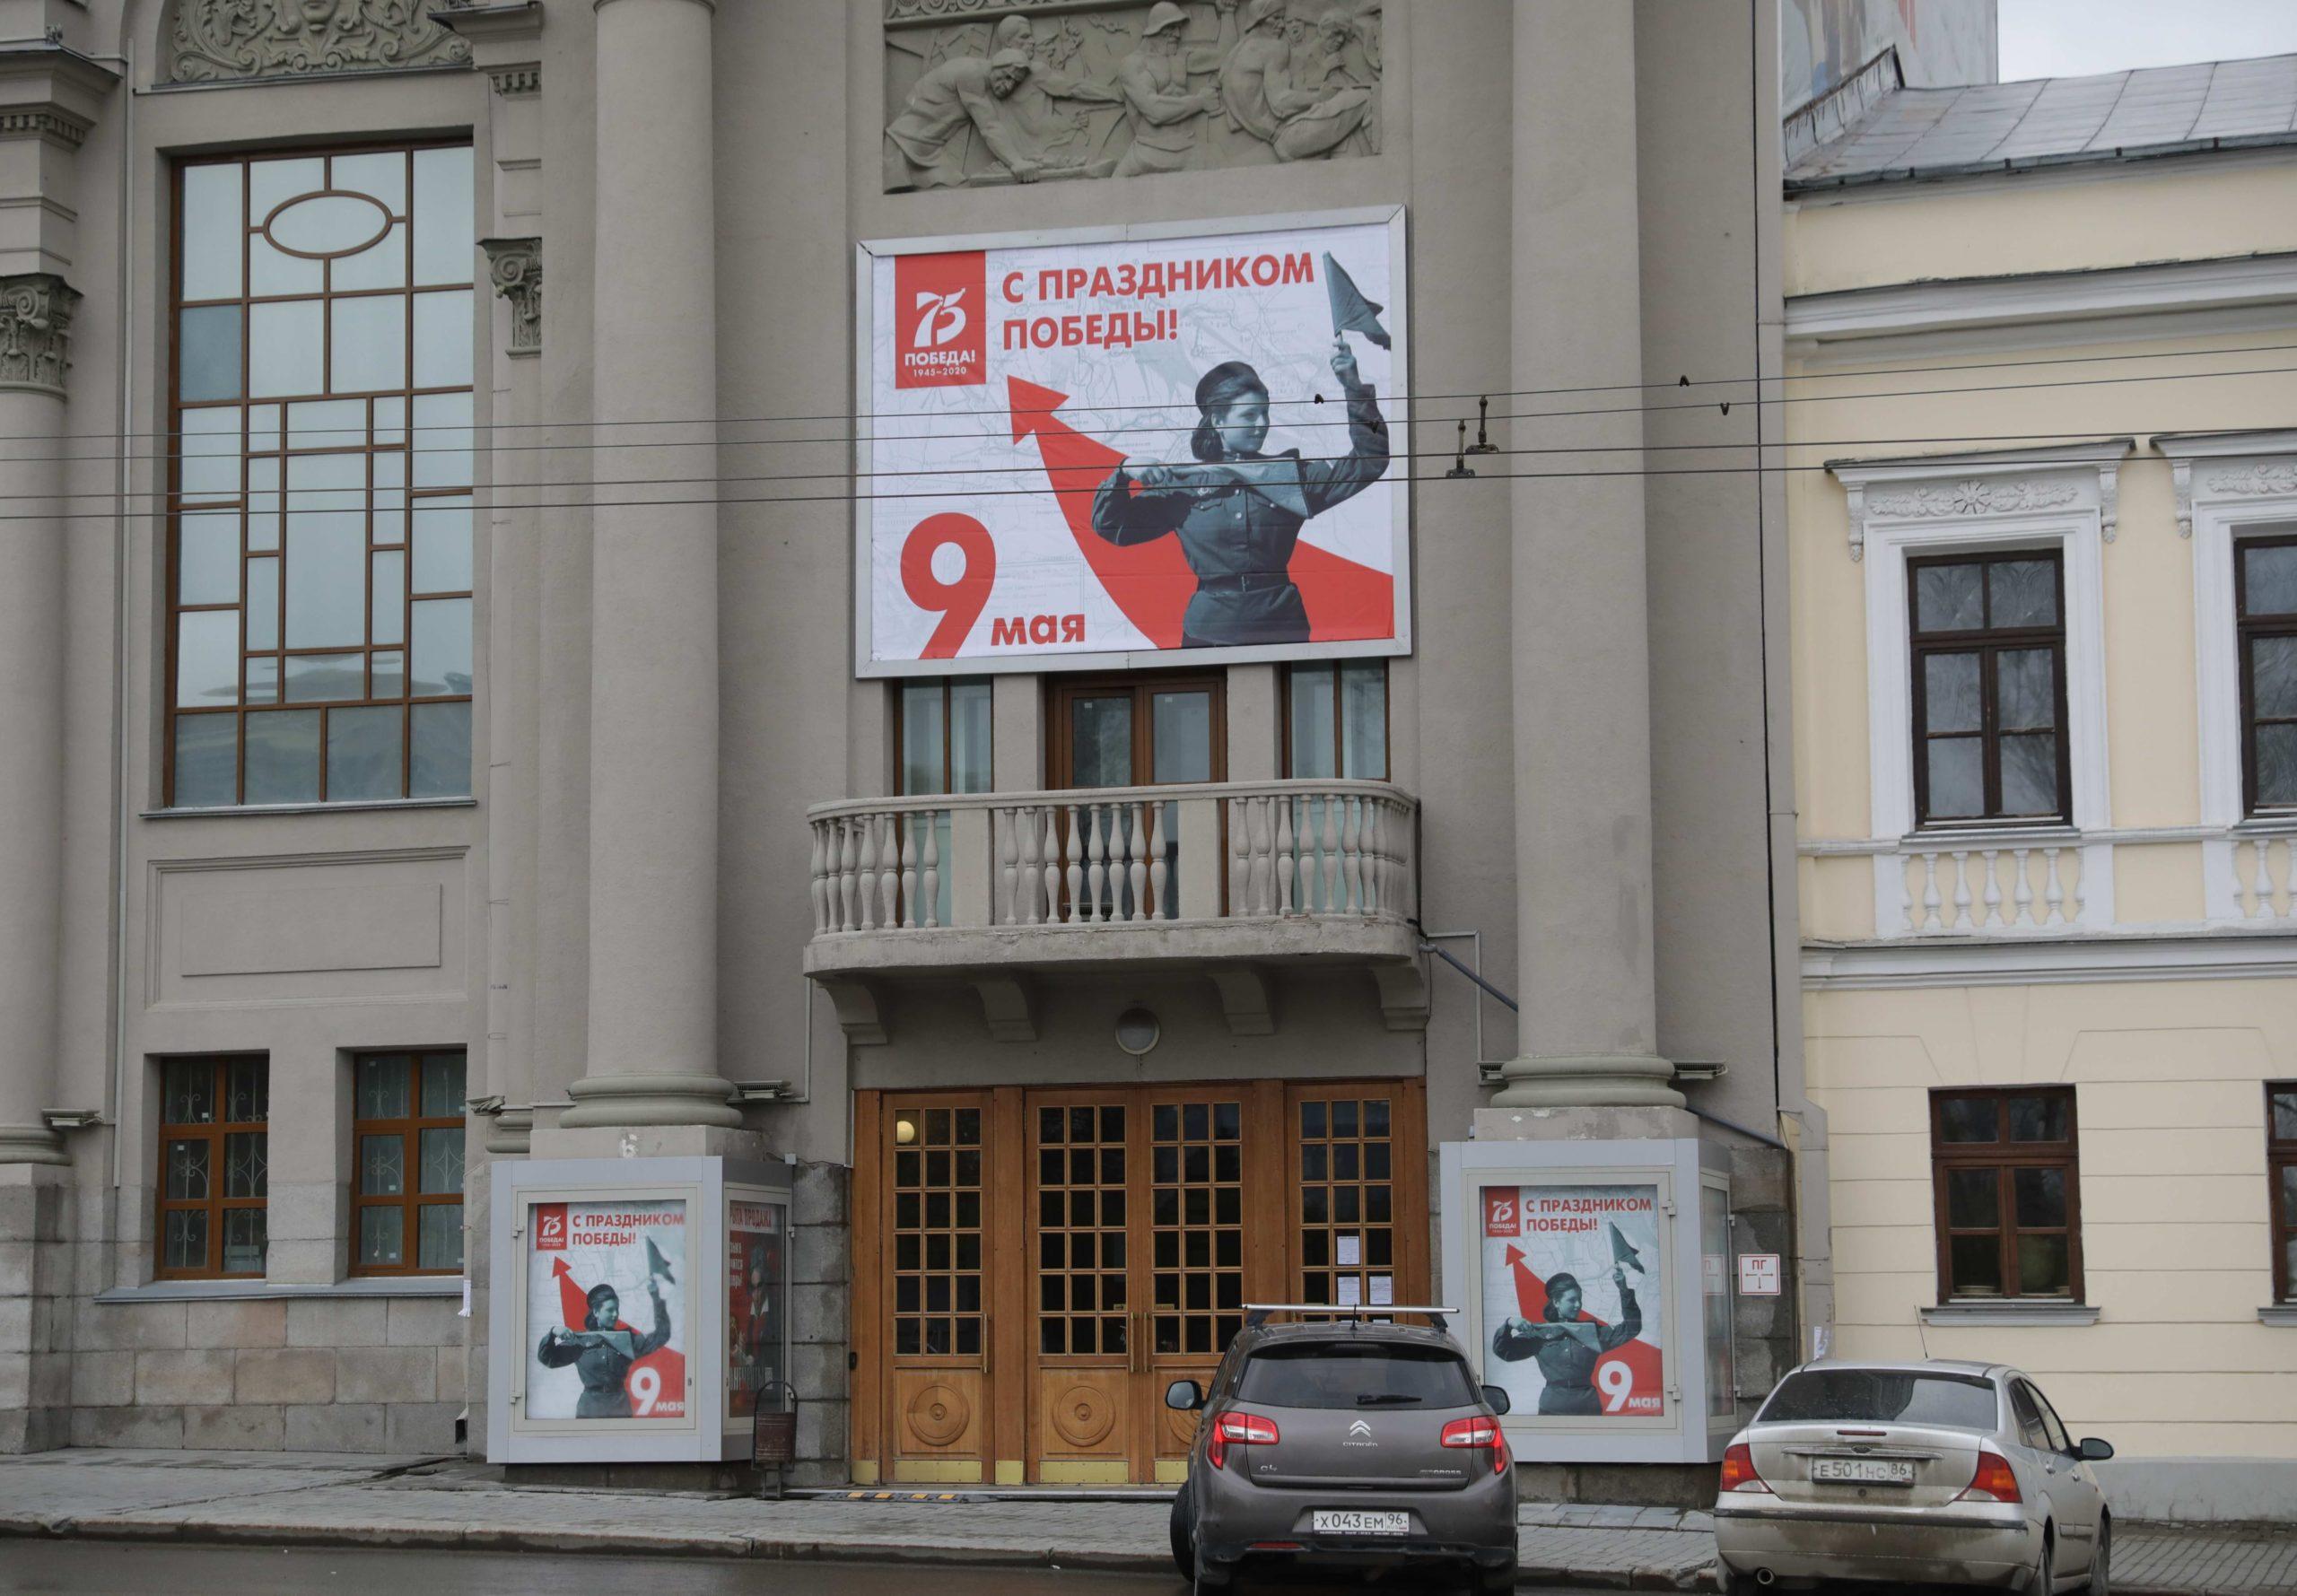 75-летие Победы, 9 мая, День Победы, Екатеринбург, Свердловская Филармония, мероприятия в Екатеринбурге